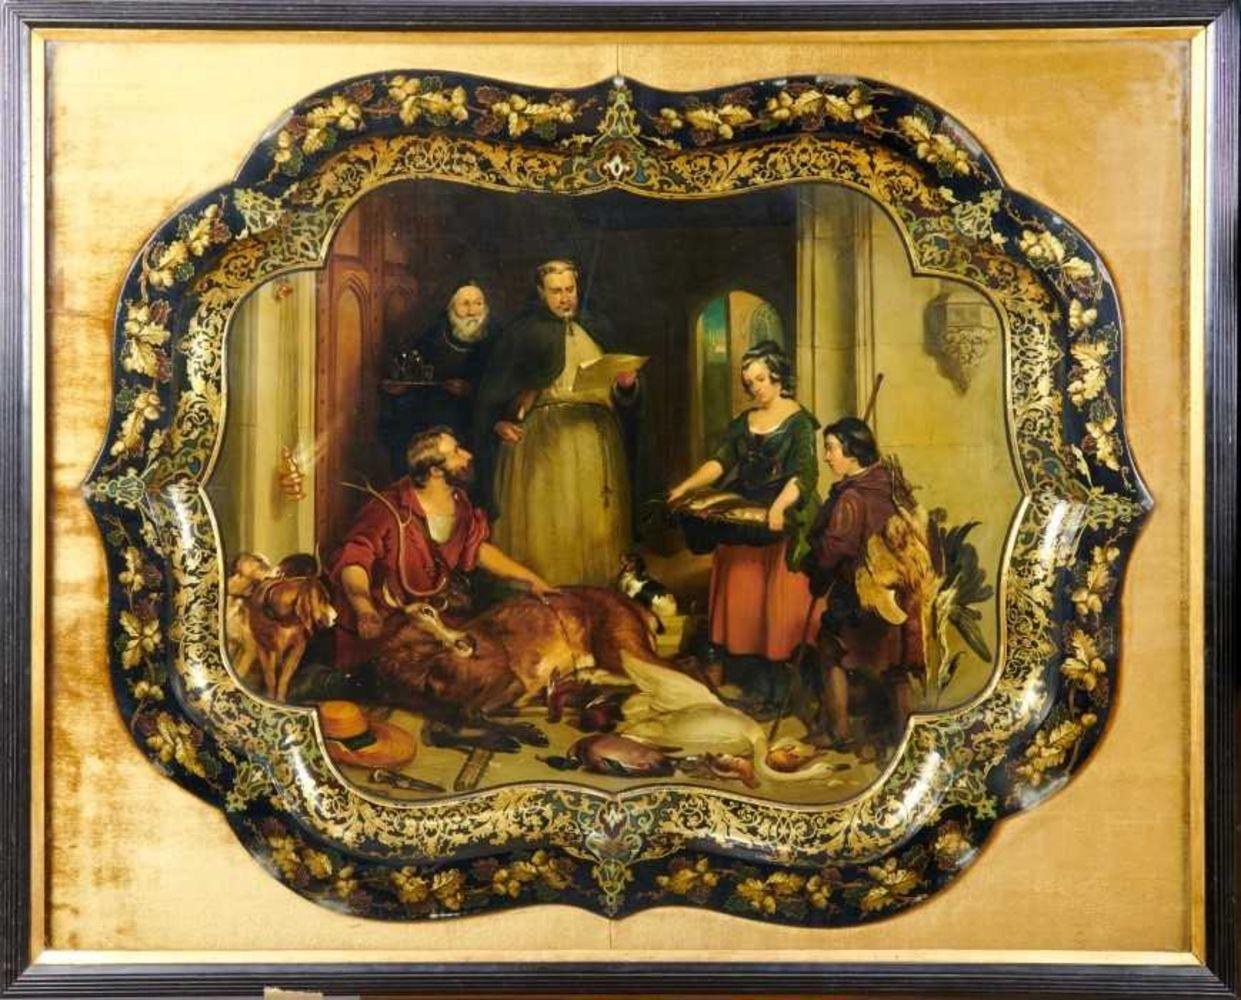 Antiques & Fine Art Sale - Live Online